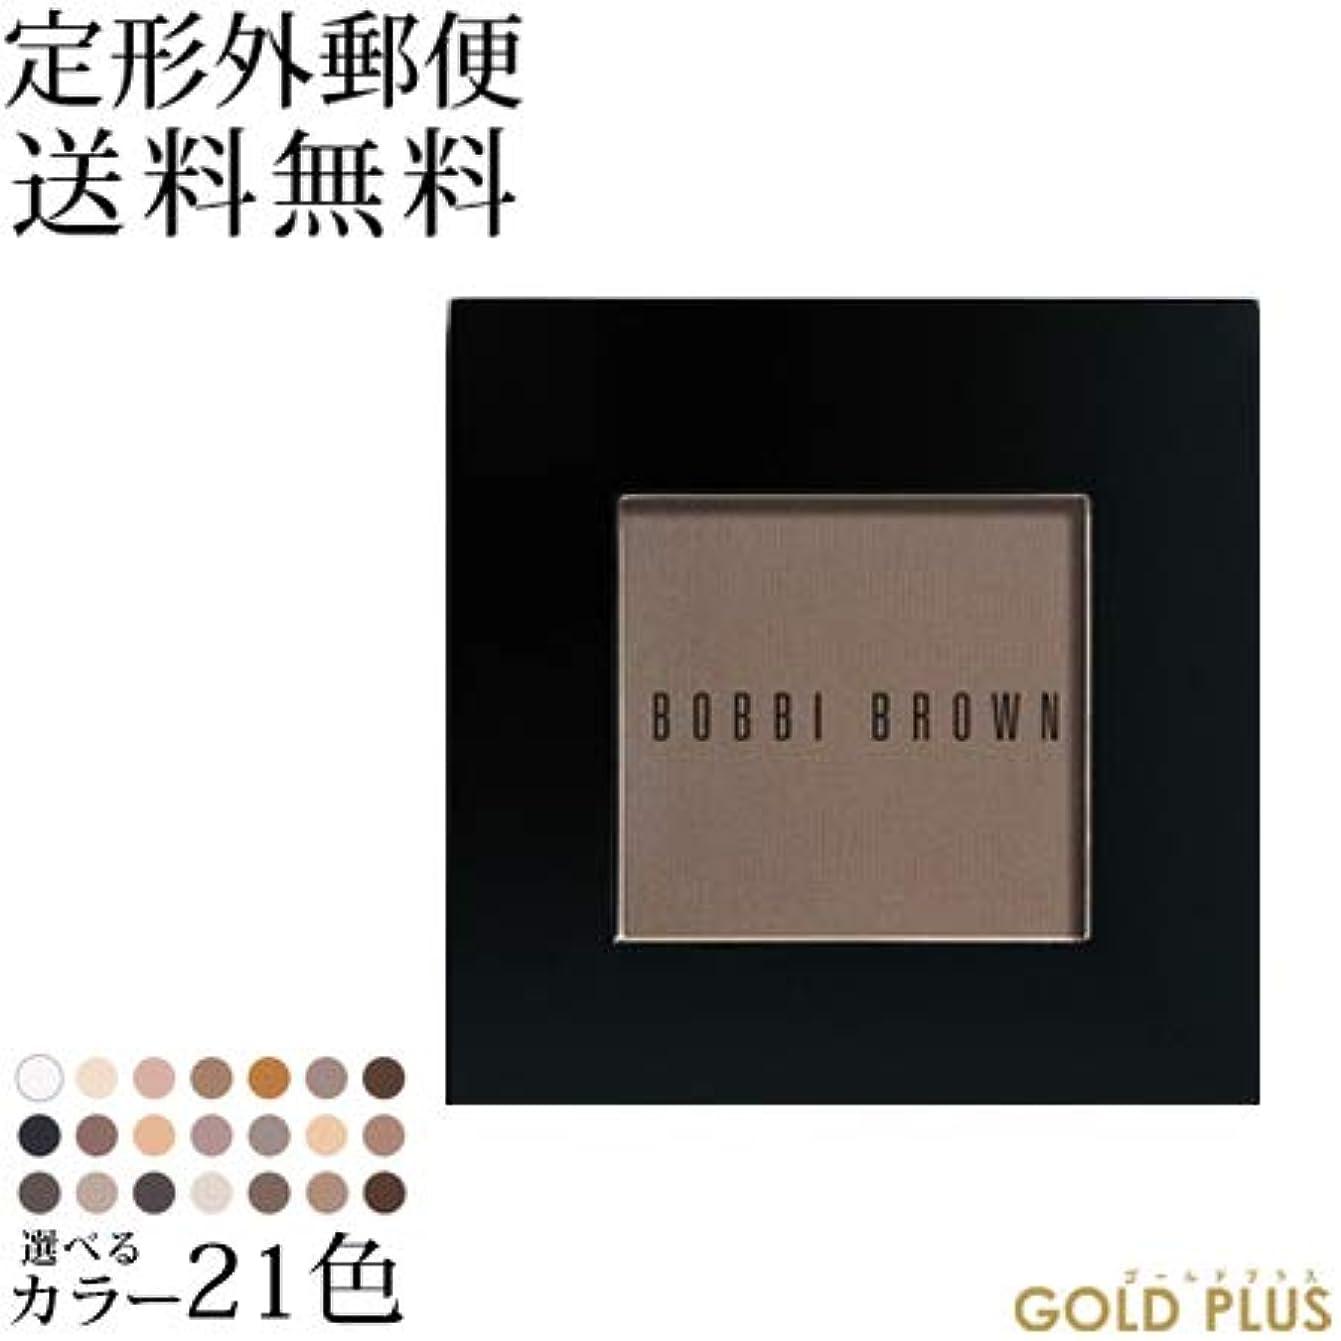 酸度口実血色の良いボビイブラウン アイシャドウ 選べる全21色 -BOBBI BROWN- スレート